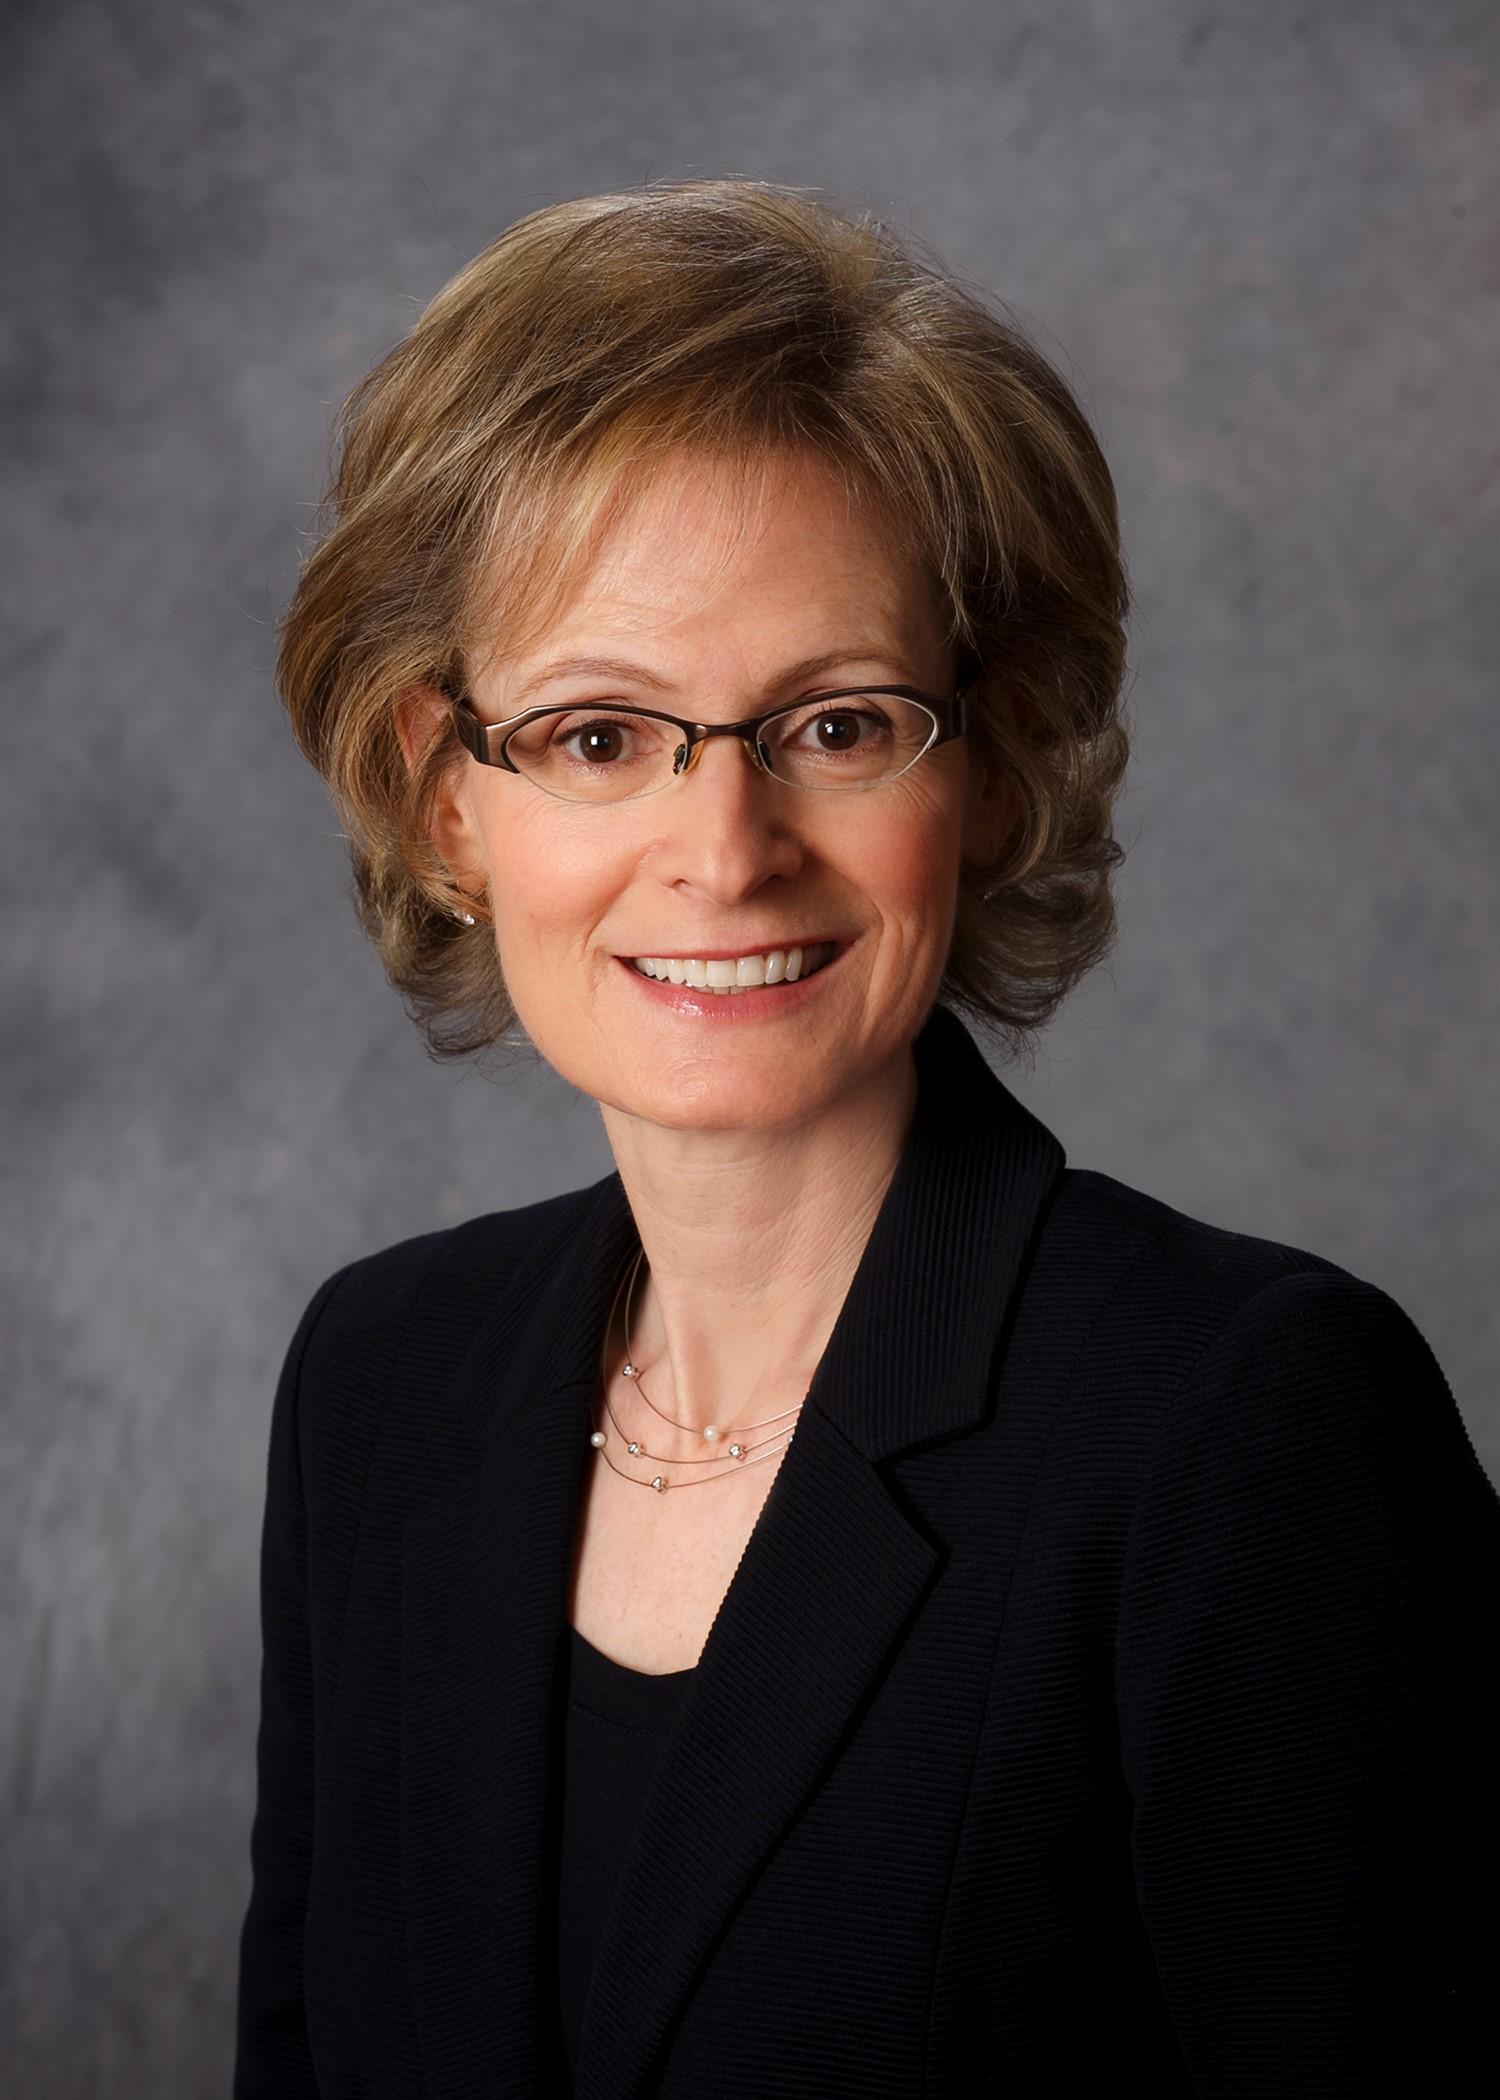 Dr. Risa Freeman